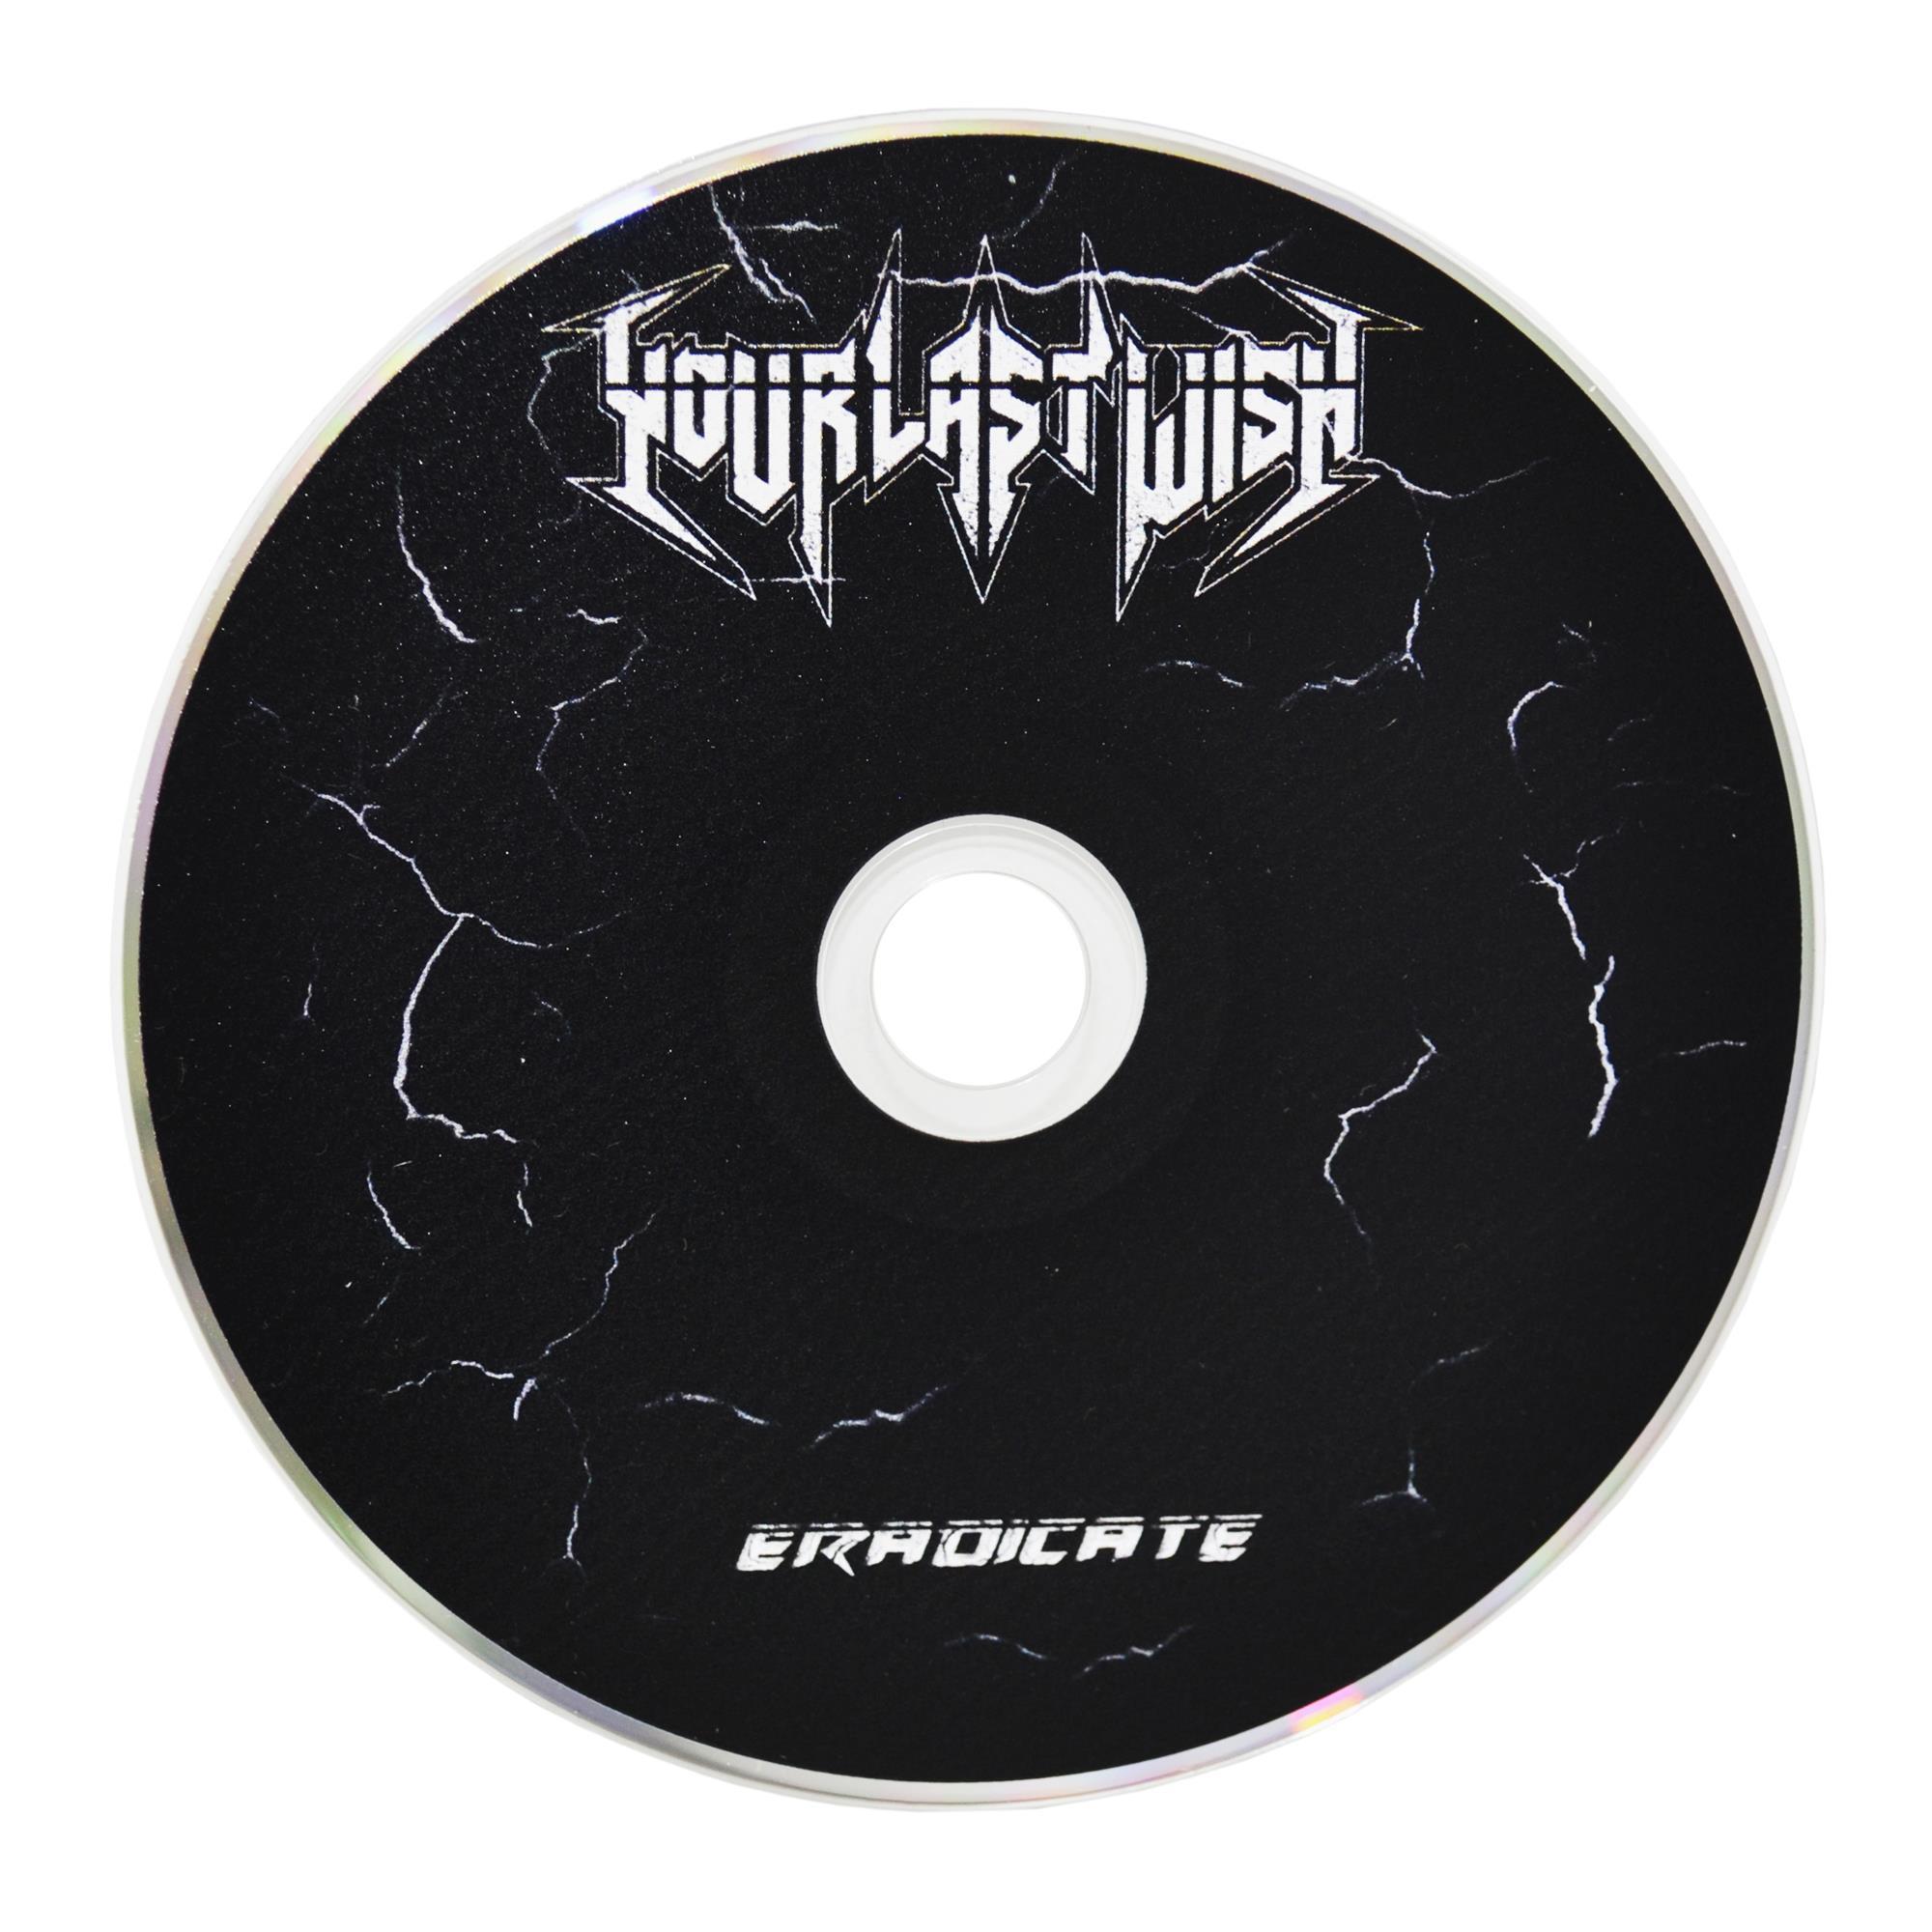 Eradicate CD